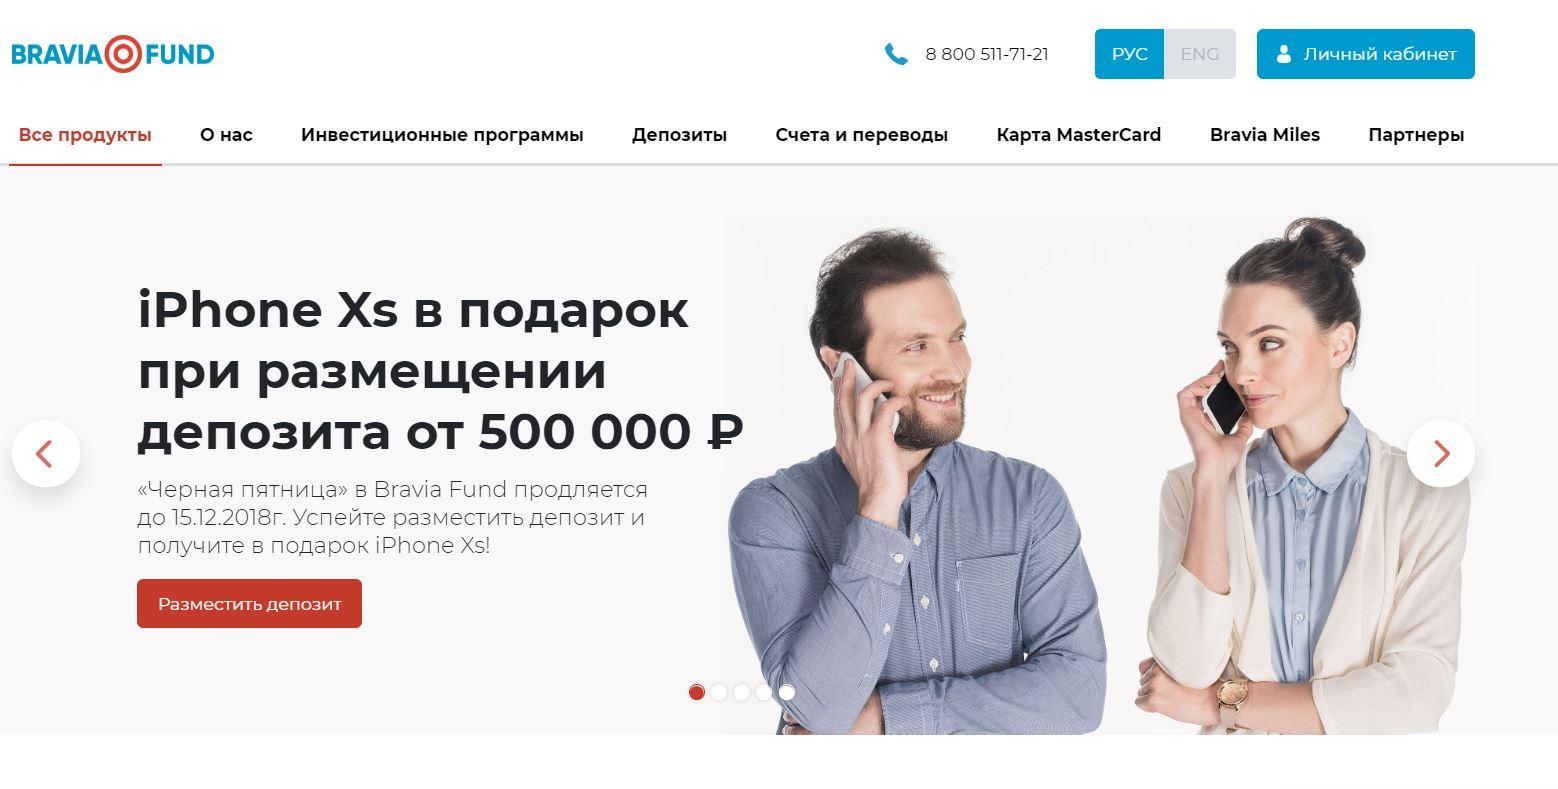 Bravia Fund: признаки финансовой пирамиды